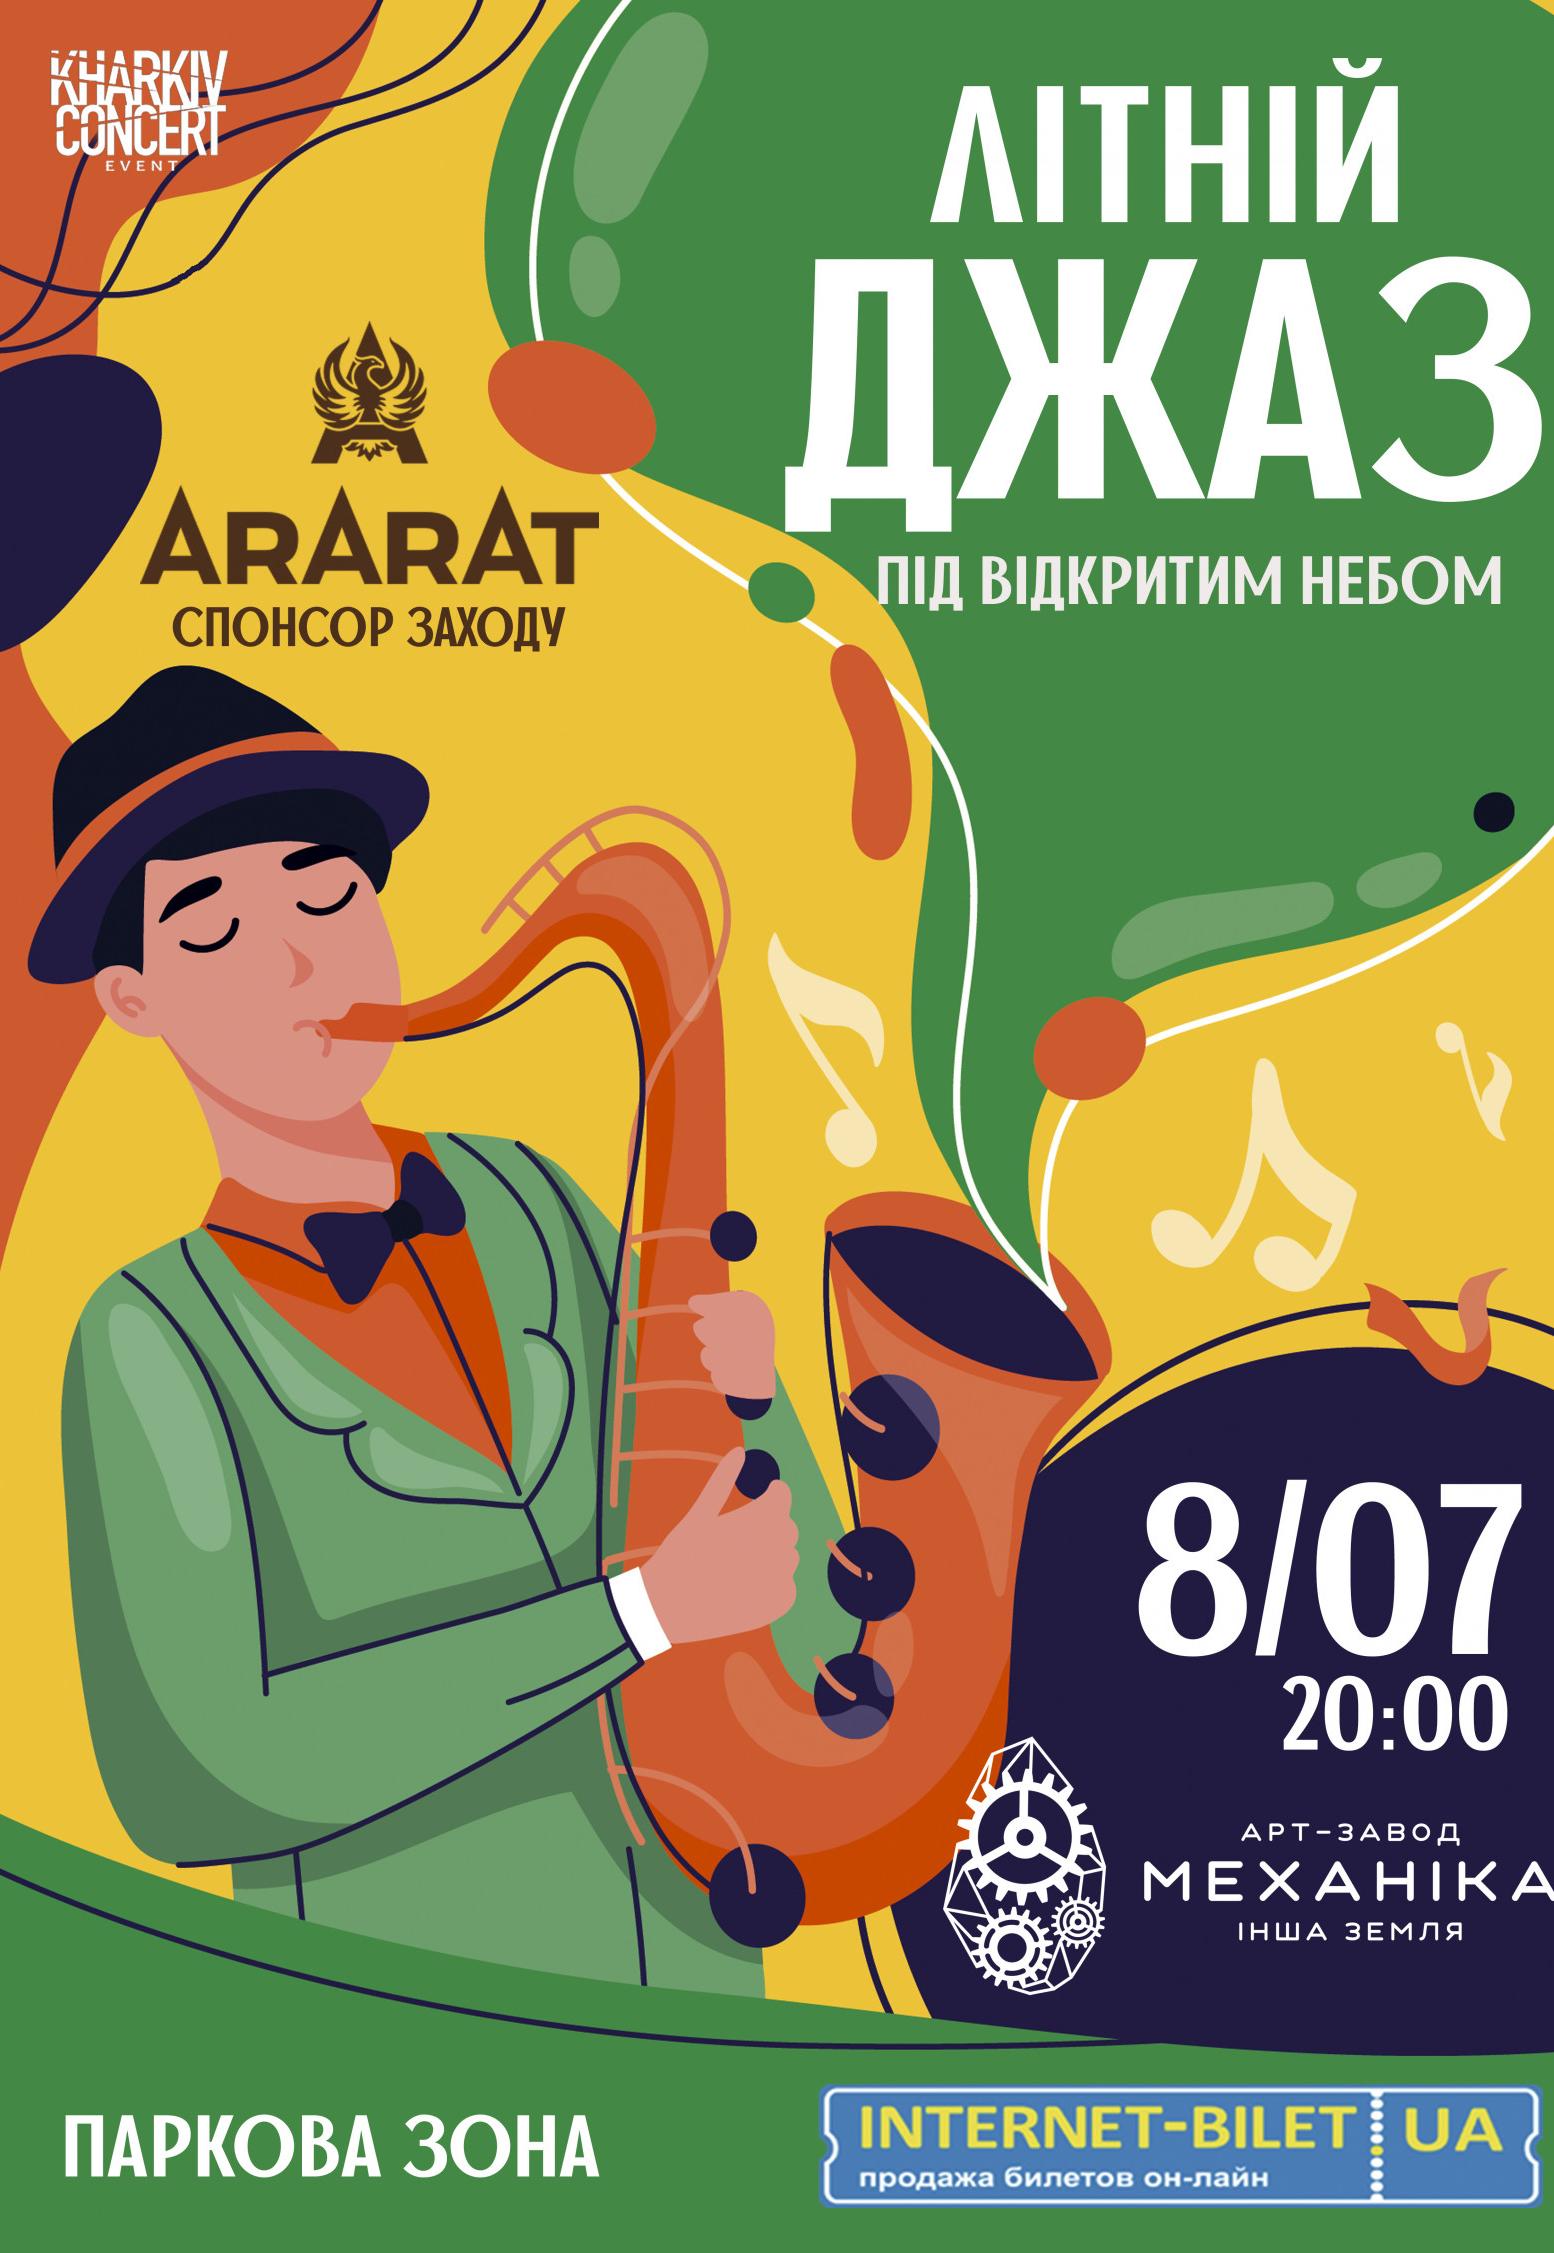 В Харькове пройдут концерты под открытым небом | Первая Столица Харьков